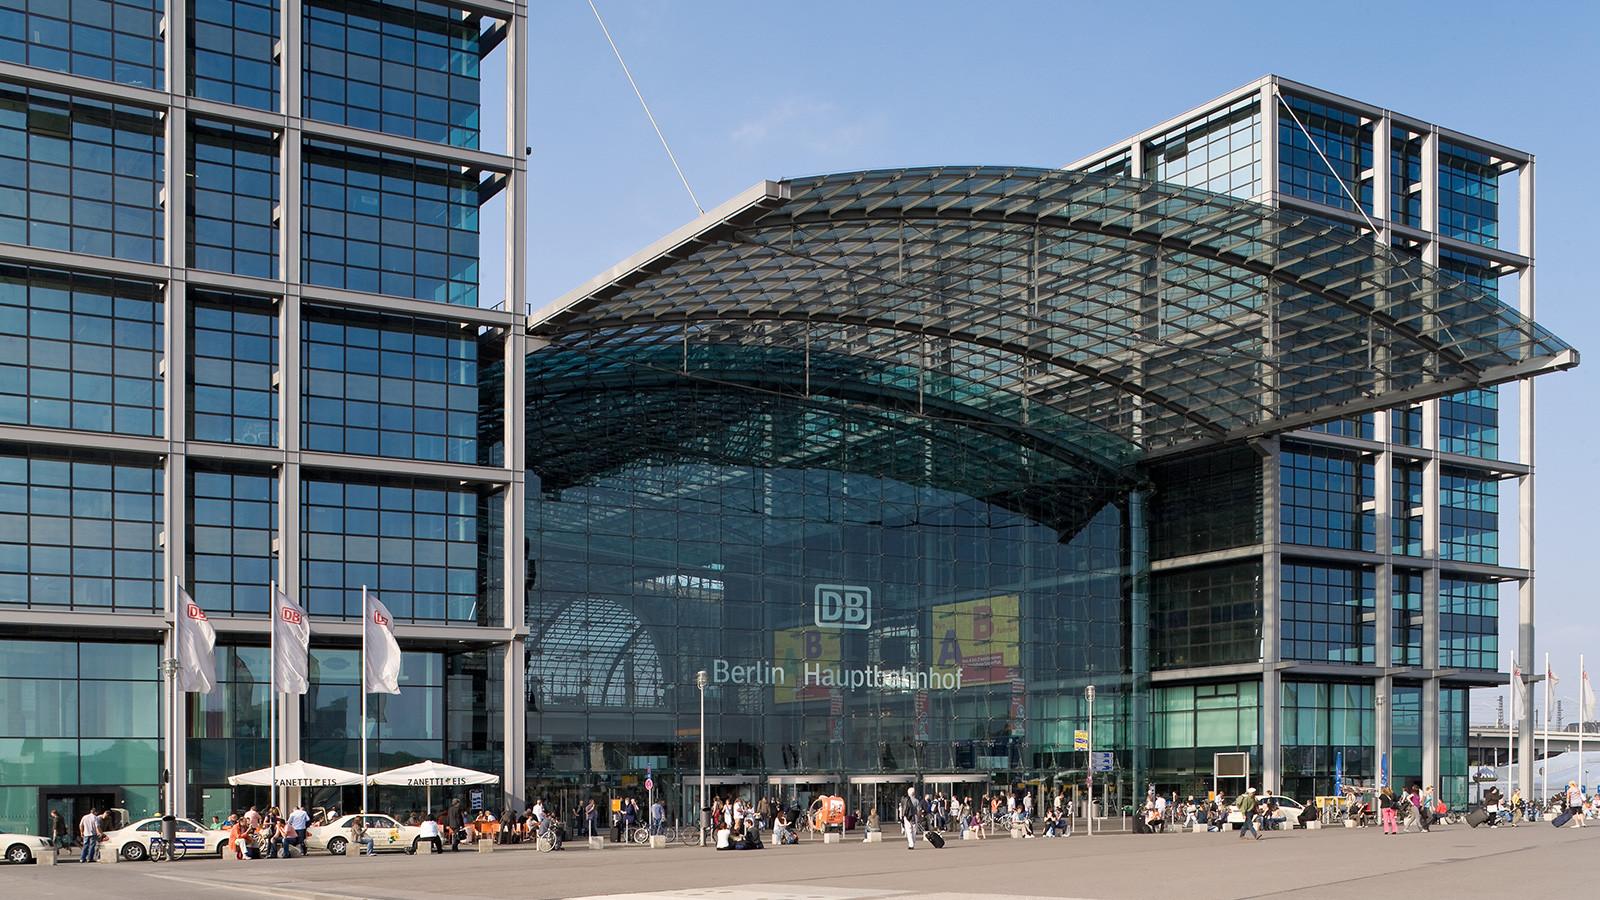 Berlin Hauptbahnhof: Moderner Bahnhof mit viel Platz und Glas